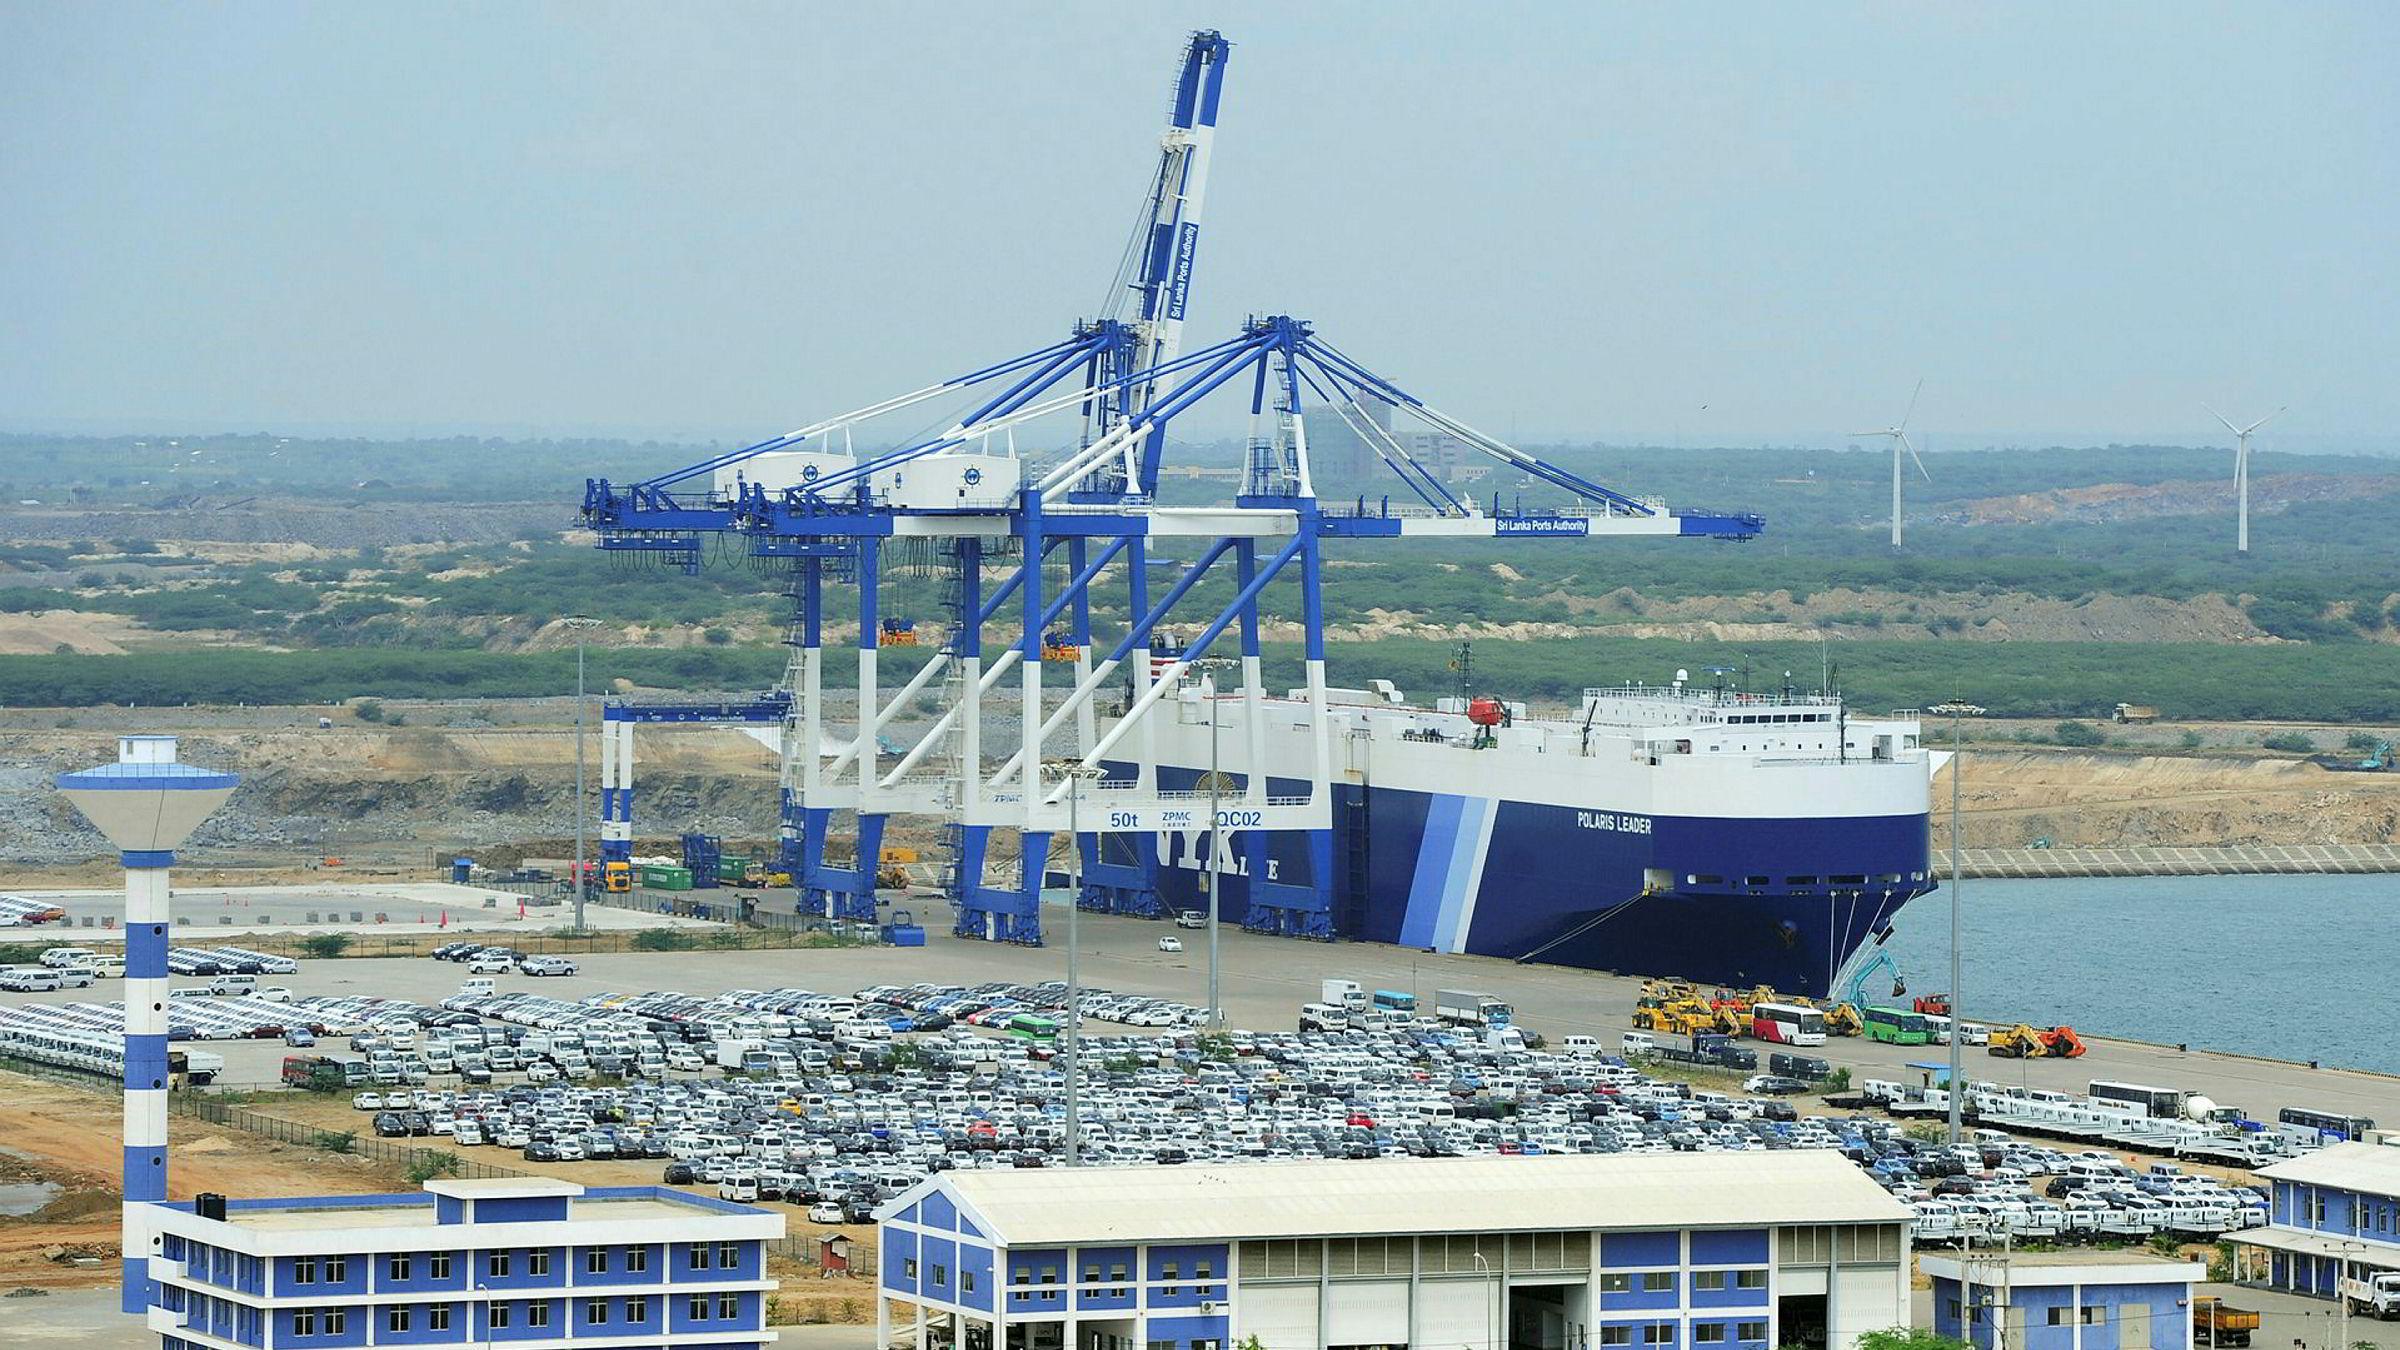 Statseide kinesiske selskaper kontrollerer dypvannshavnen Hambantota på Sri Lanka etter å ha betalt vel ni milliarder kroner for 70 prosent av aksjene. Sri Lanka spiller en nøkkelrolle i utviklingen av den nye kinesiske maritime silkeveien gjennom Det indiske hav.